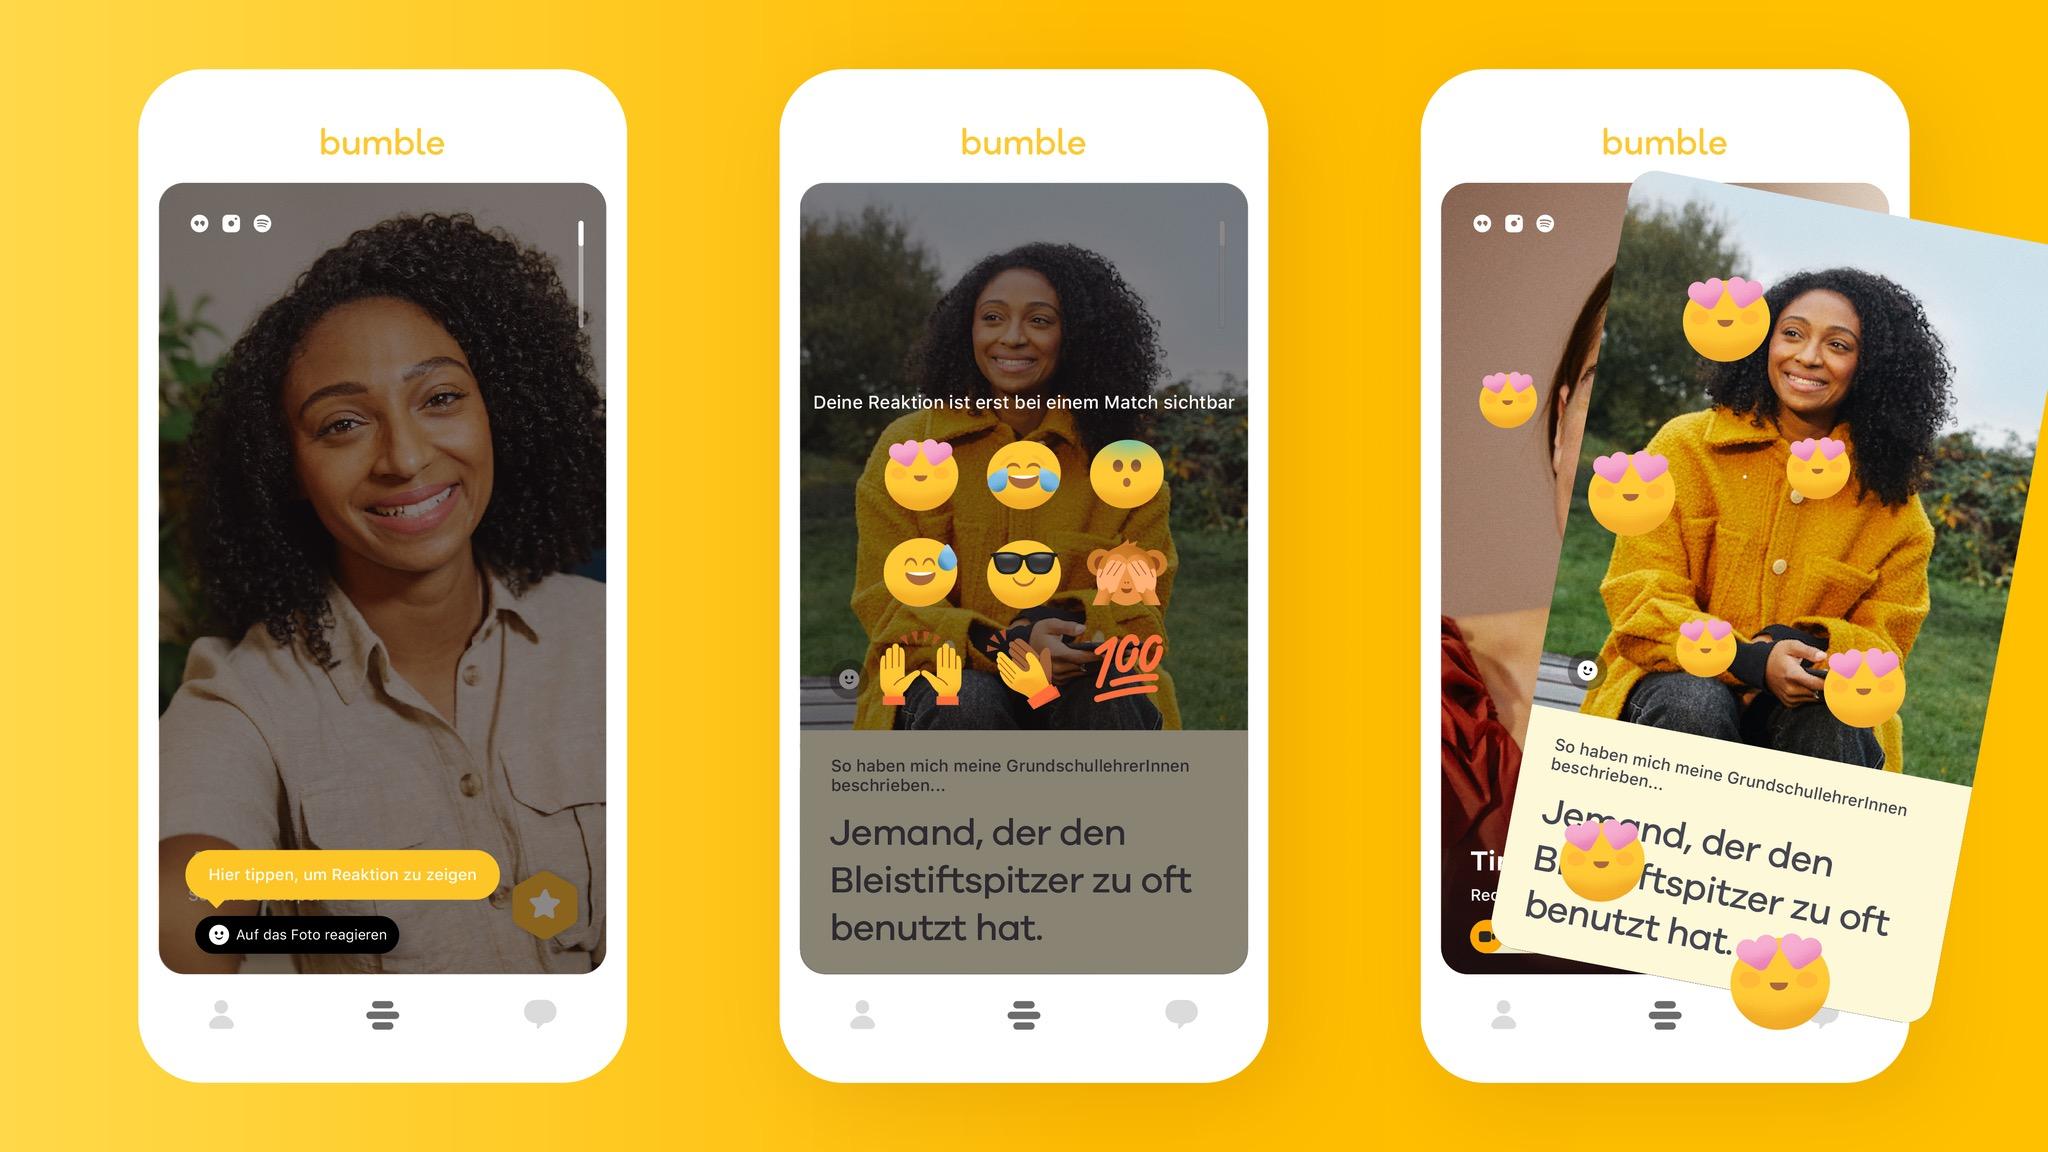 Bumble: Hier machen Frauen den ersten Schritt – auch mit Emojis